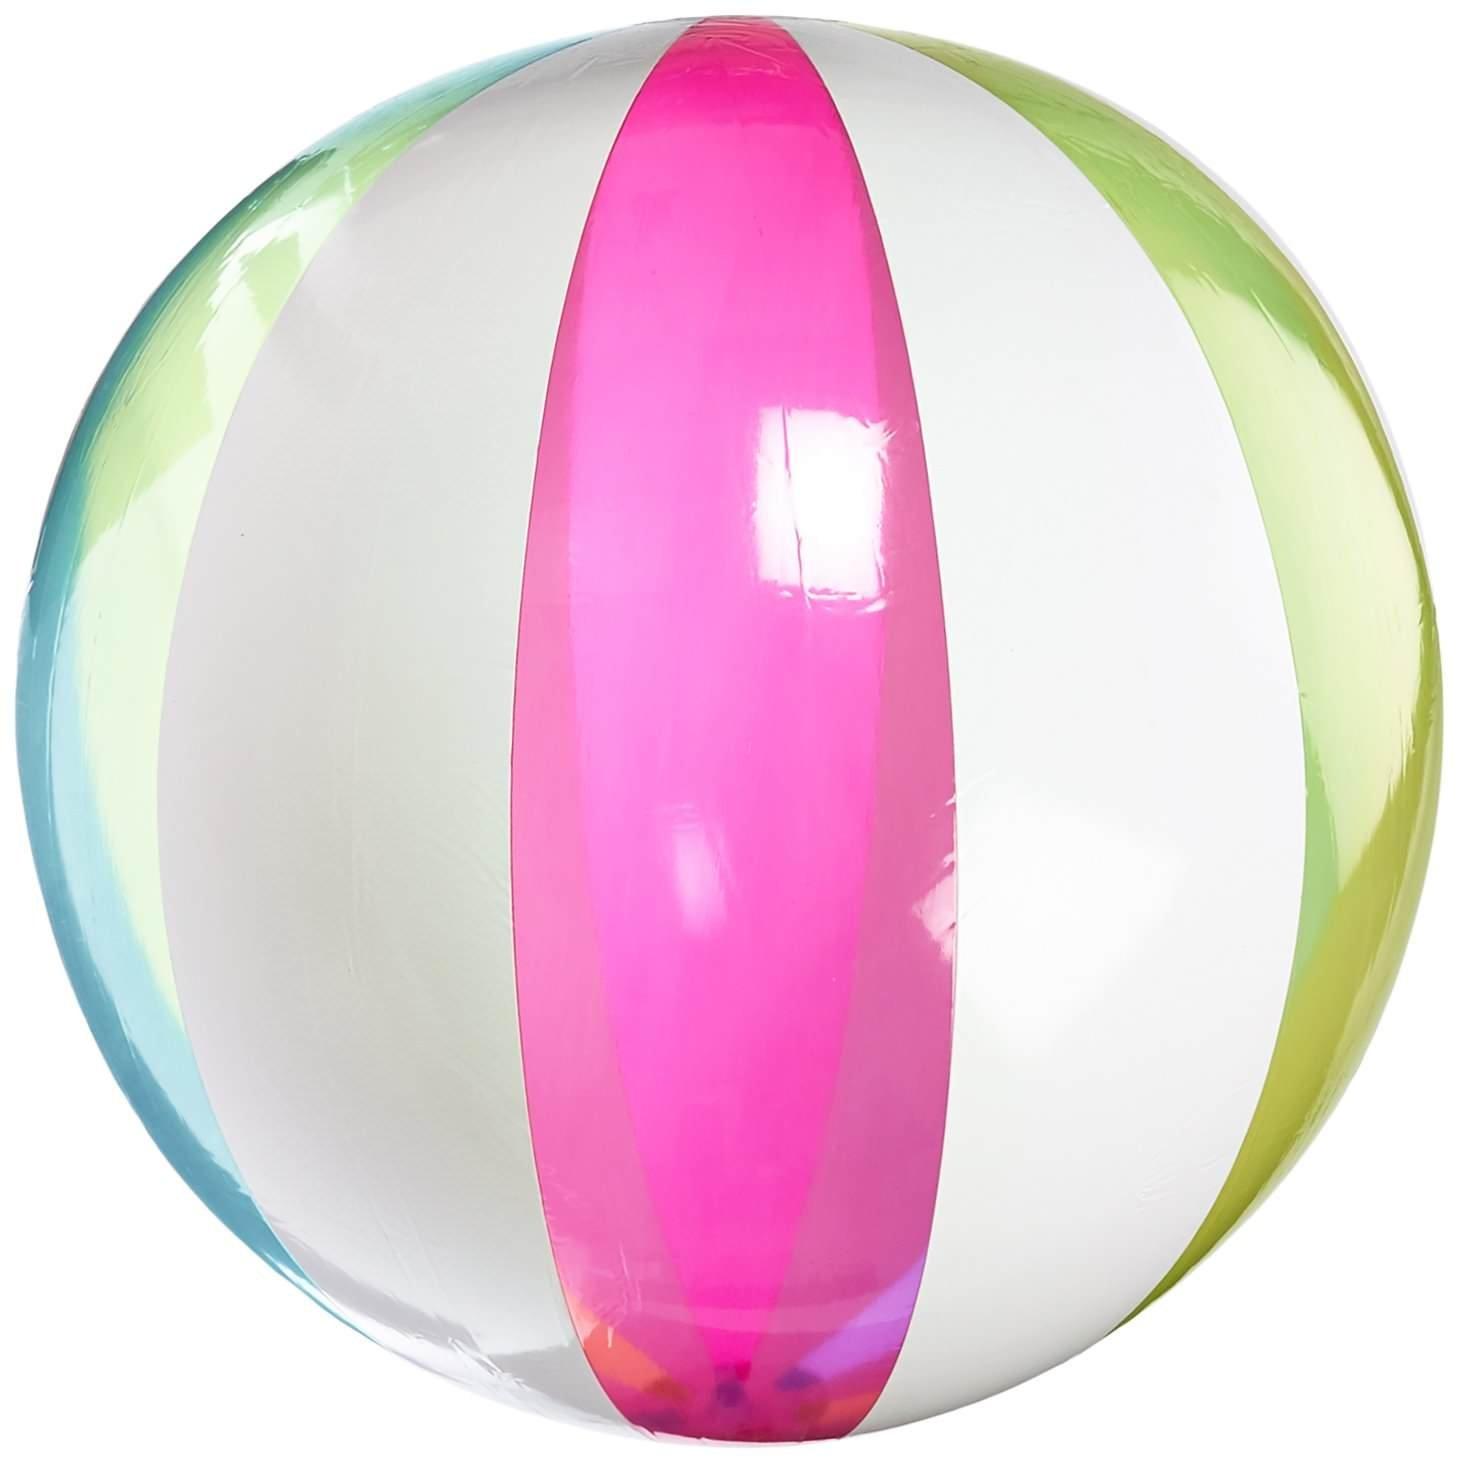 INTEX Oversize Gigante Bola de Playa, 42 cm de diámetro: Amazon.es ...